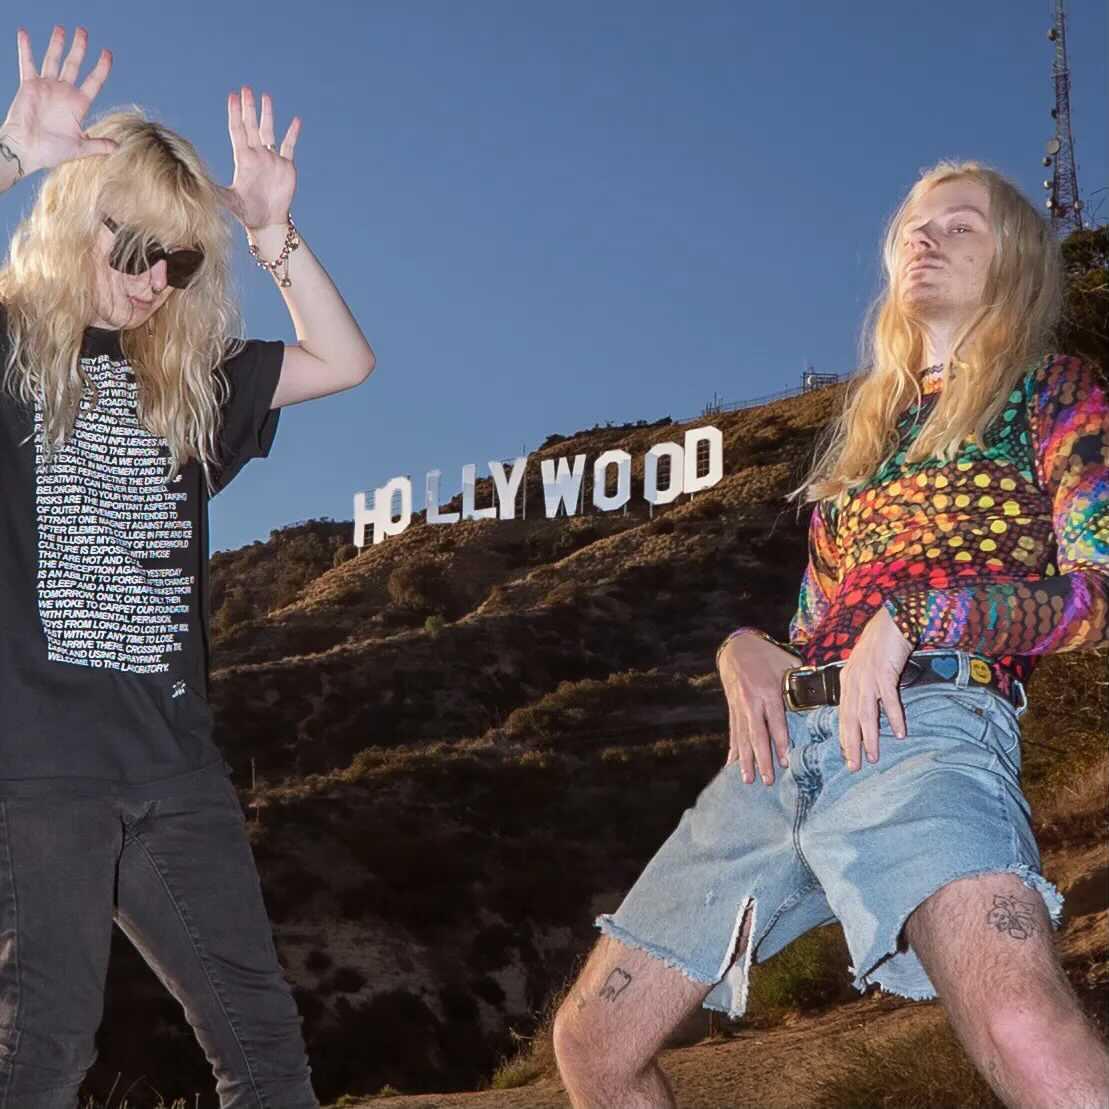 Dylan Brady Laura Les 100 Gecs Hollywood sign hyperpop